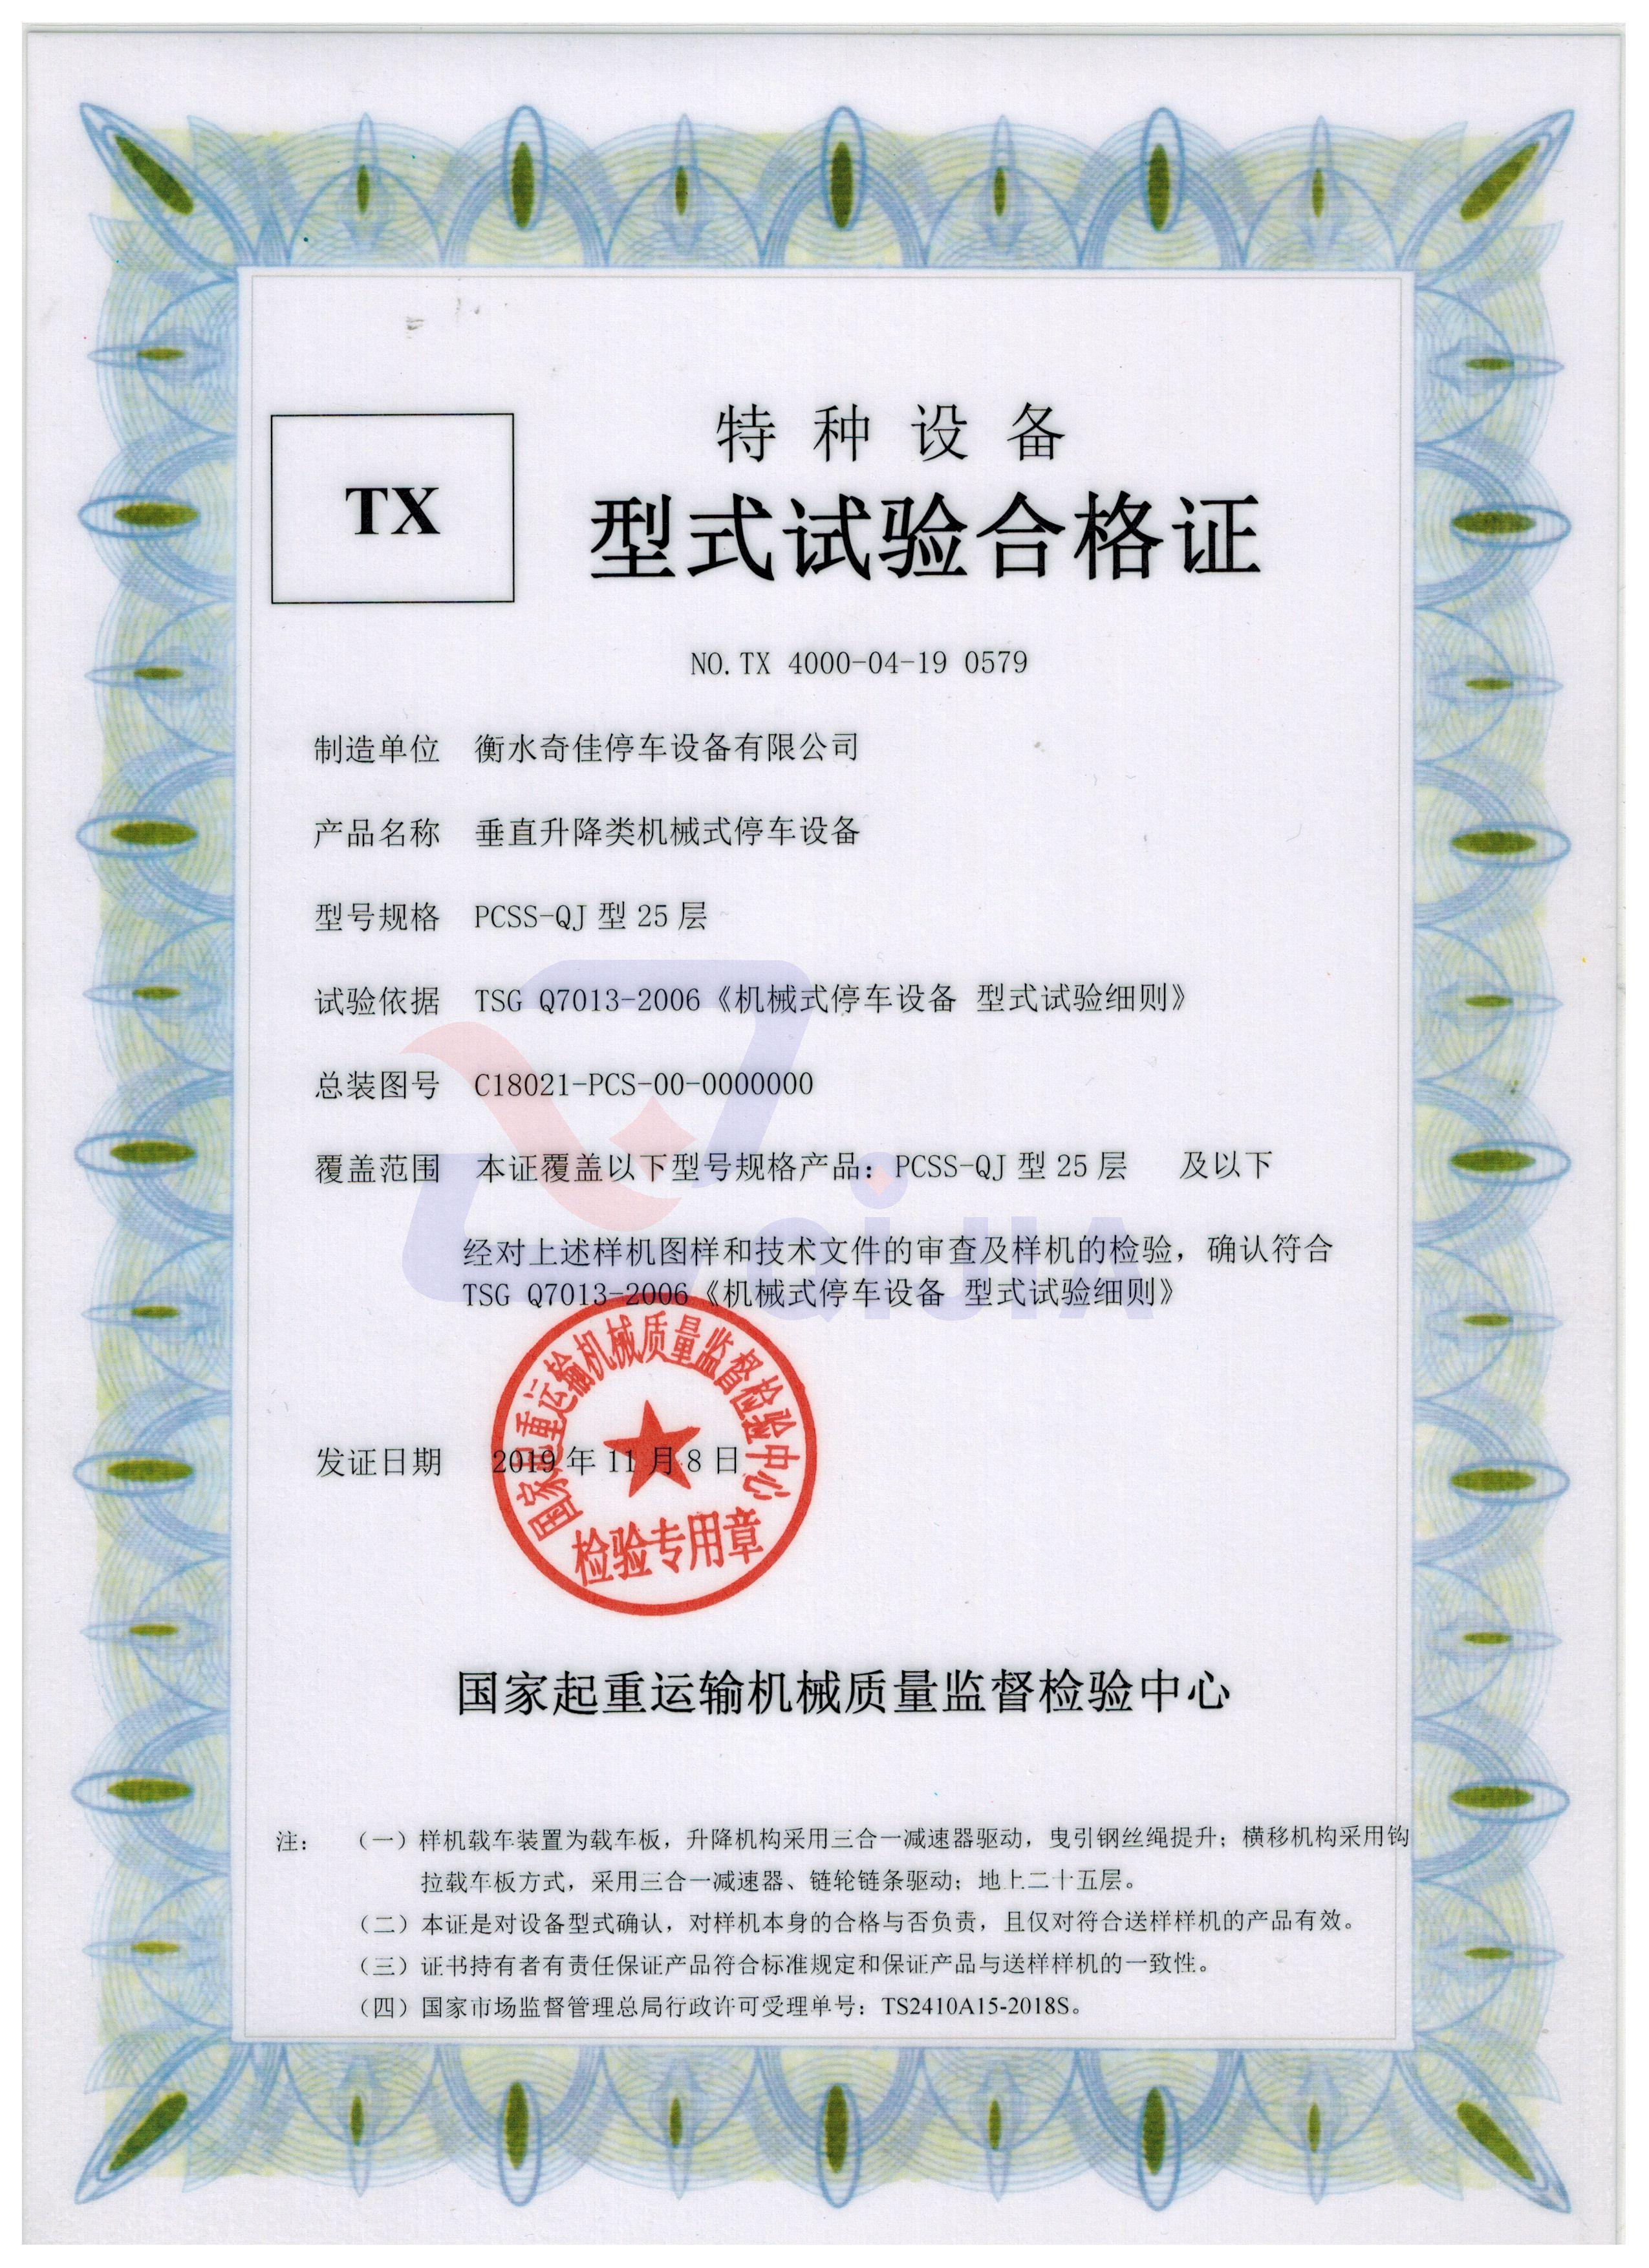 型式試驗保格證-PCSS-QJ型25層